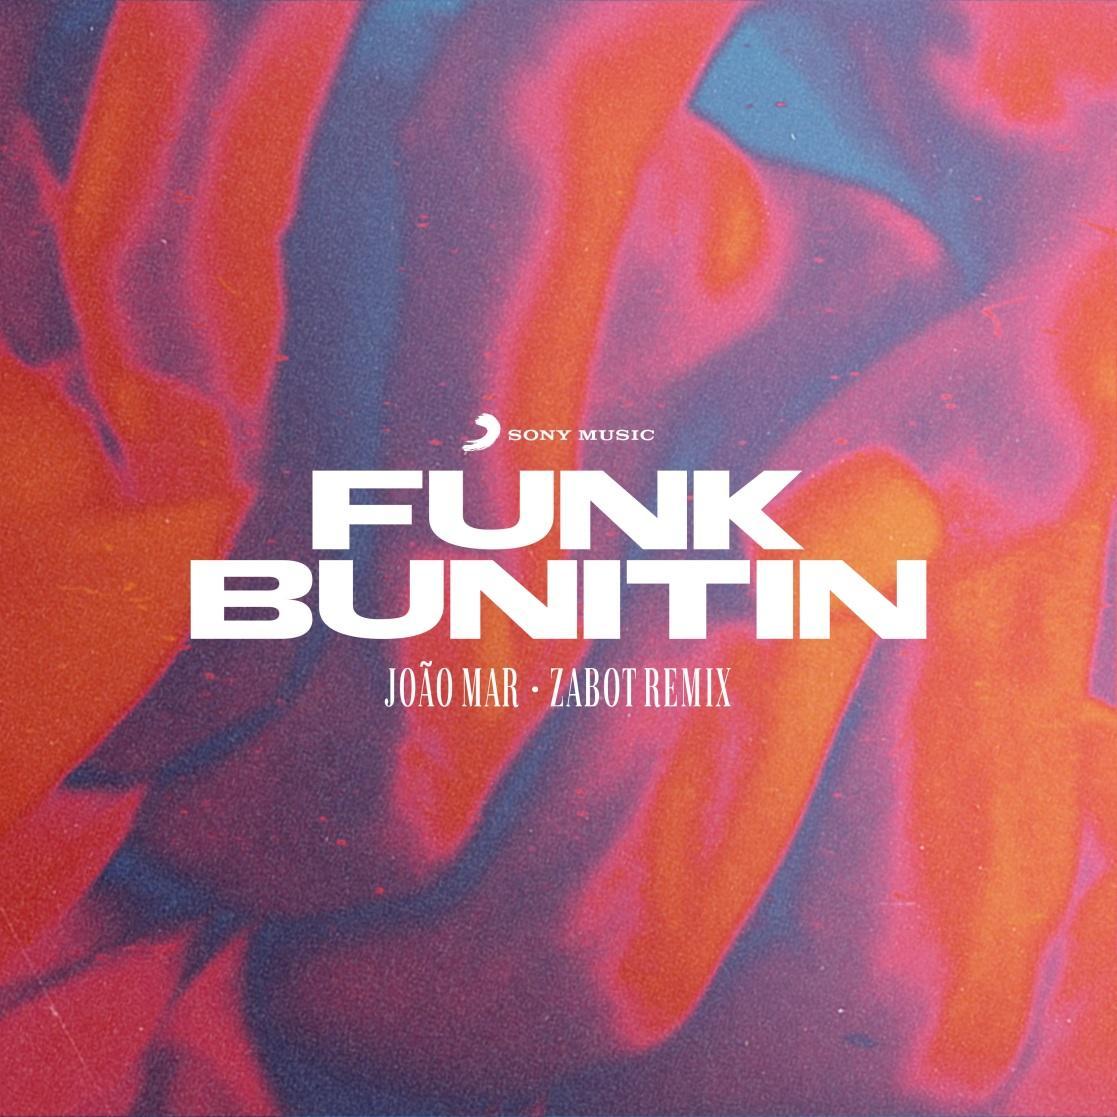 C:\Users\Louise\Downloads\Funk Bunitin Capa 3000x3000.png